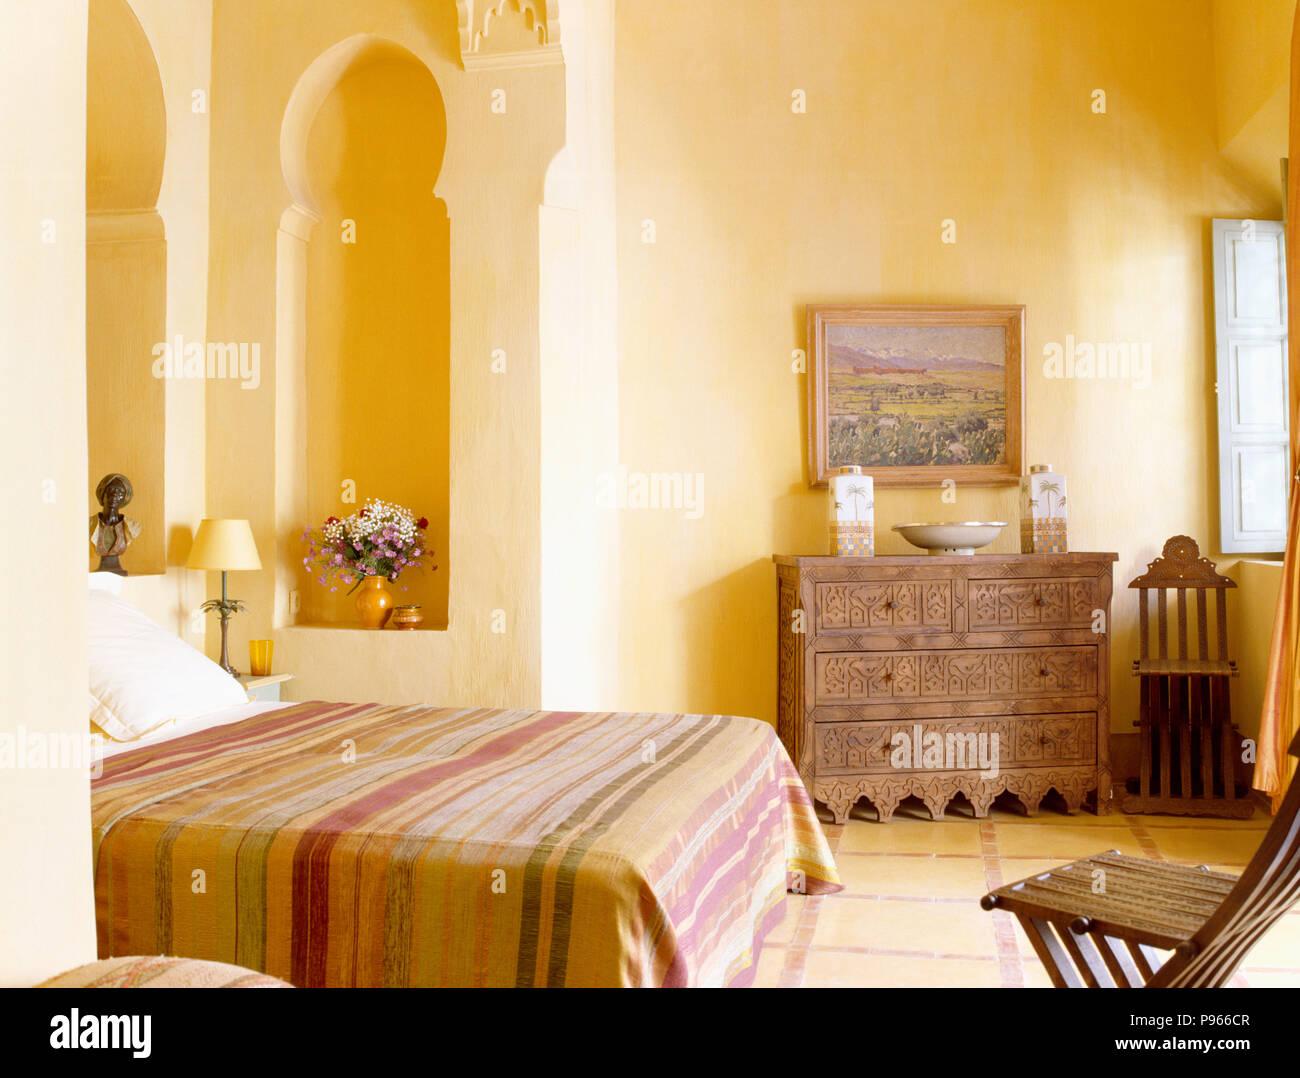 Camere Da Letto Marocco : Letto a strisce coperchio sul letto in camera da letto marocchina